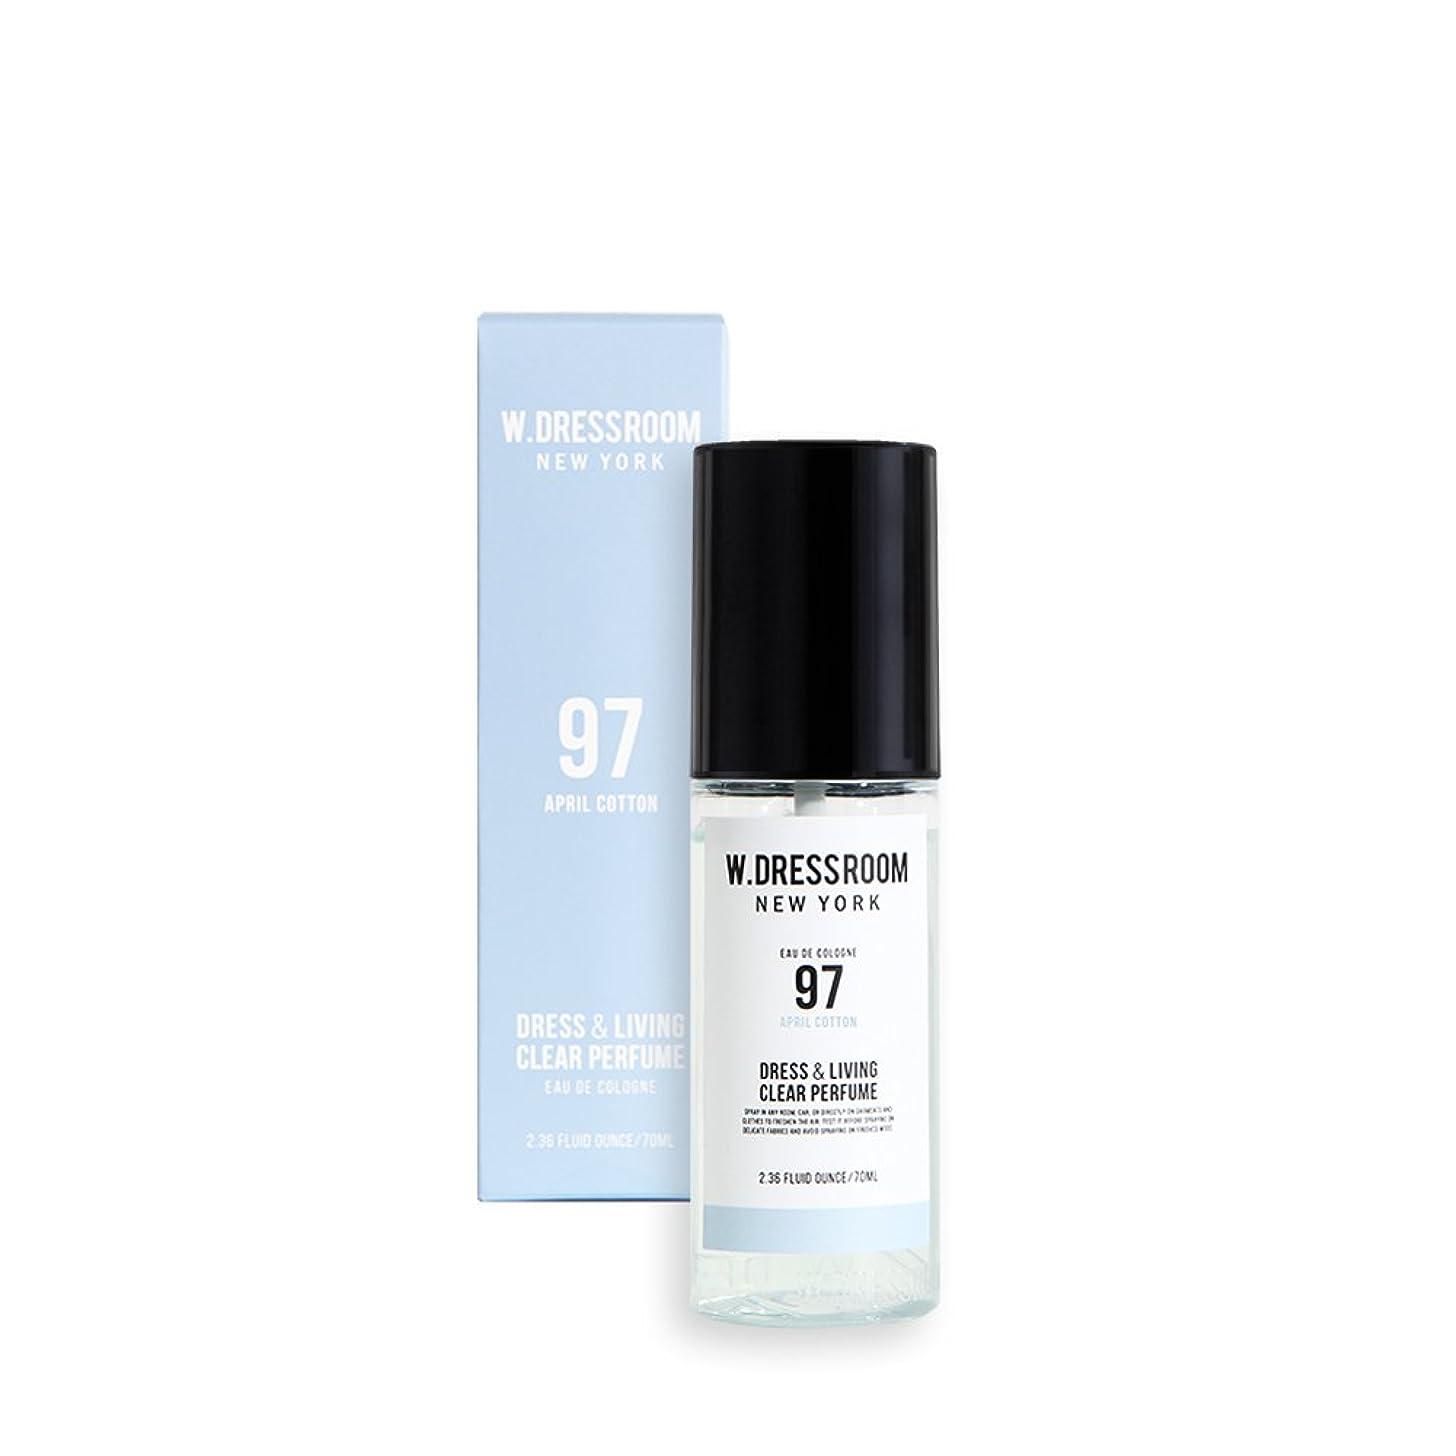 天文学激しいやろうW.DRESSROOM Dress & Living Clear Perfume 70ml/ダブルドレスルーム ドレス&リビング クリア パフューム 70ml (#No.97 April Cotton) [並行輸入品]